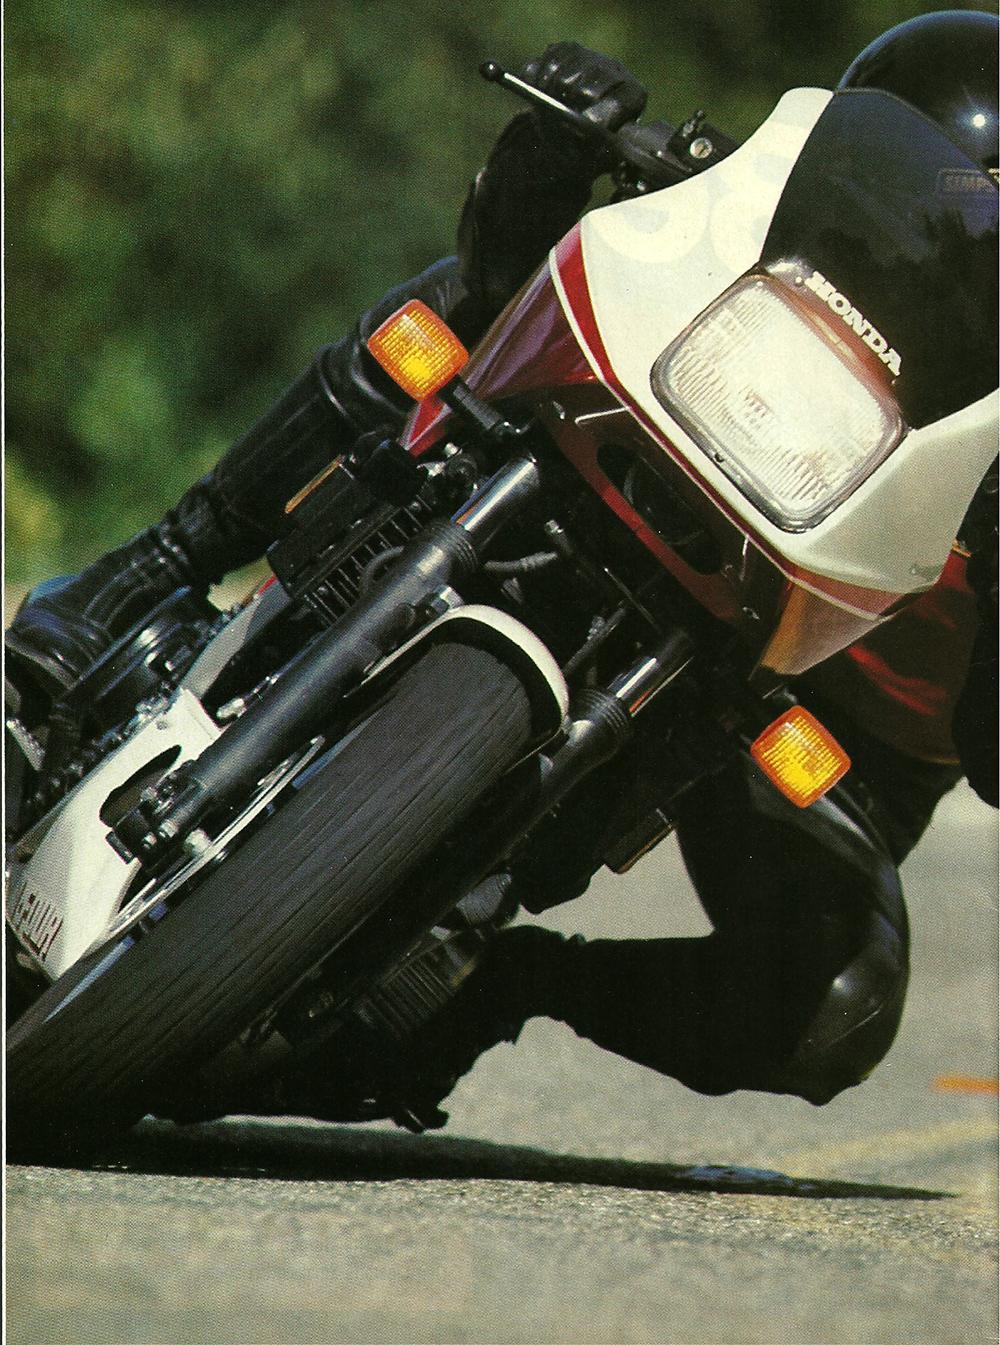 1983 Honda V45 Interceptor road test 01.jpg